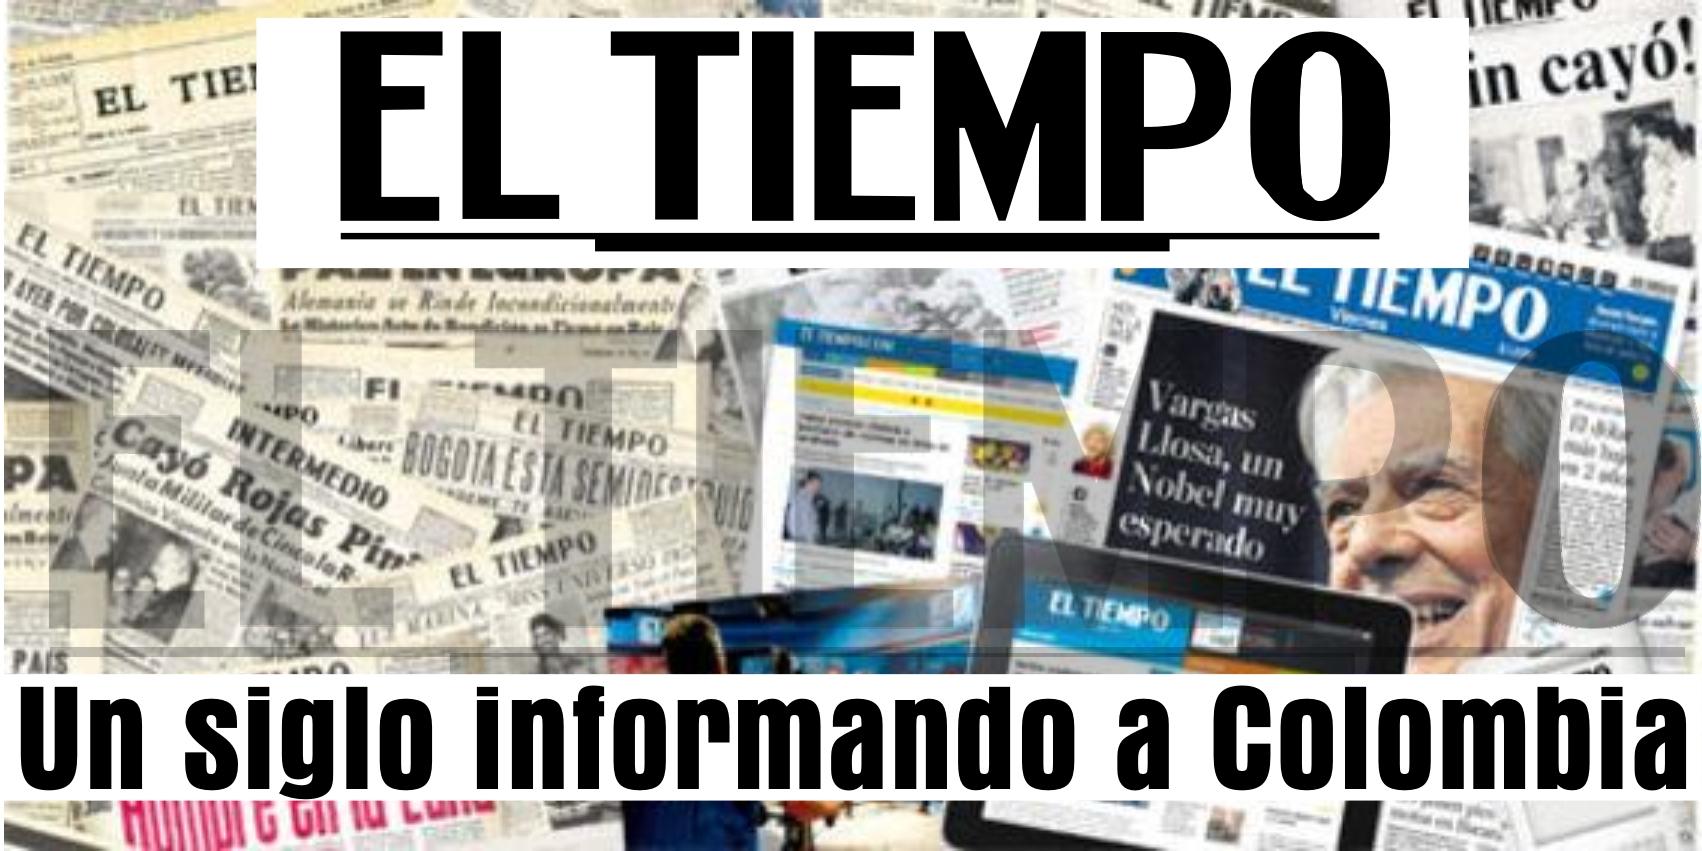 Periódico El Tiempo, Un siglo informando a Colombia.